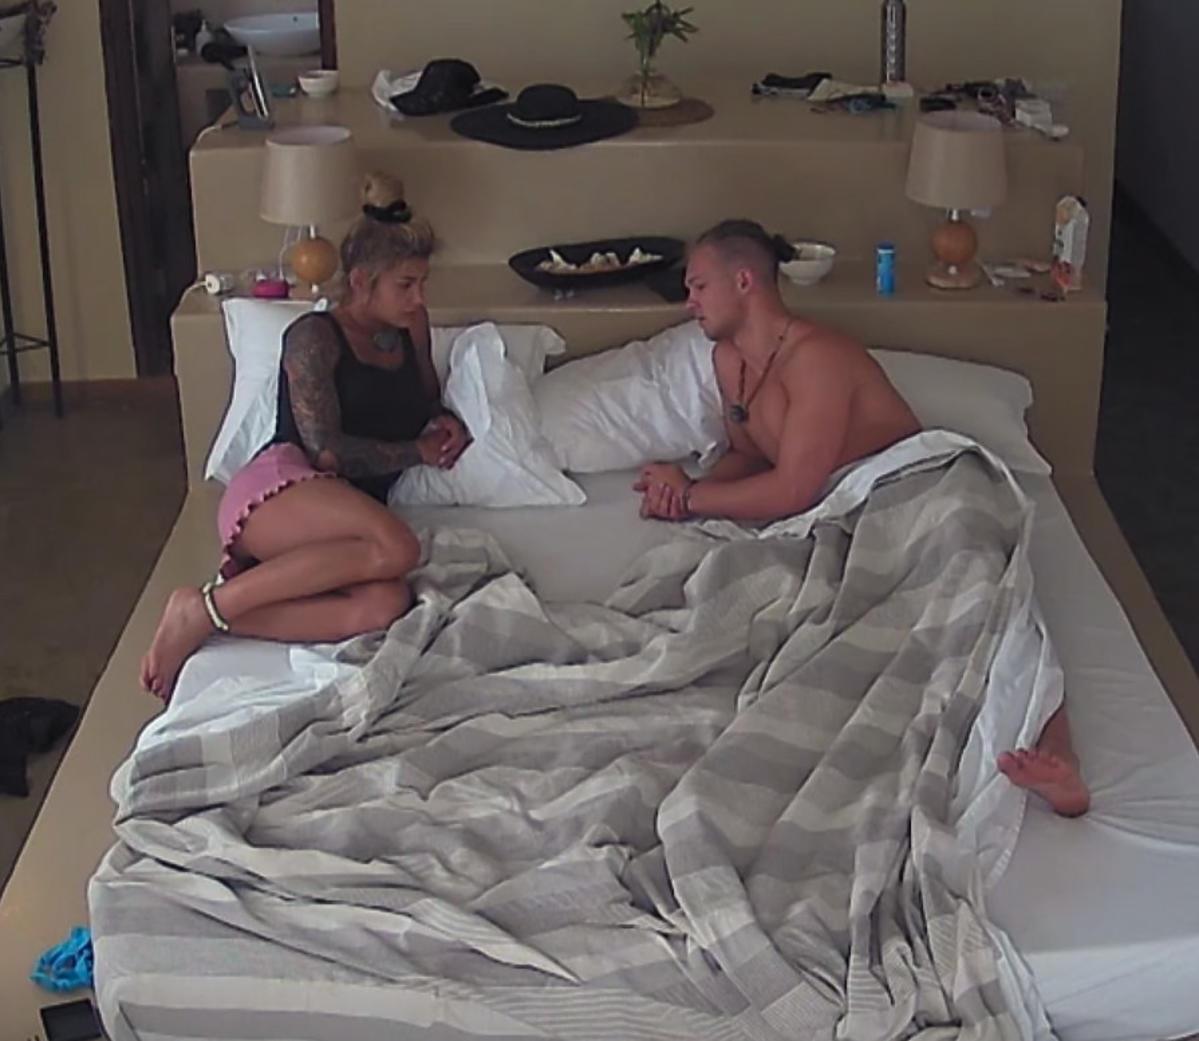 Wiktoria i Miłosz w jednym łóżku Hotel Paradise 4, rozmawiają